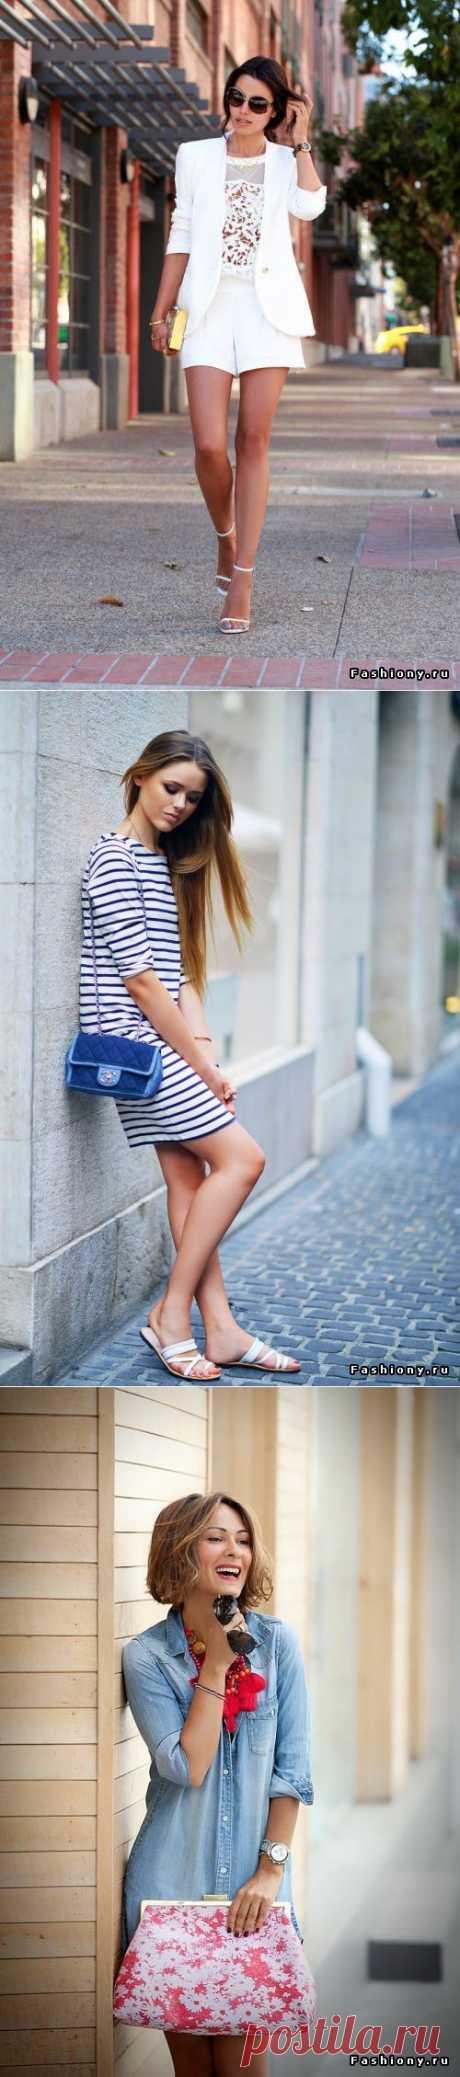 Новое от модных блоггеров